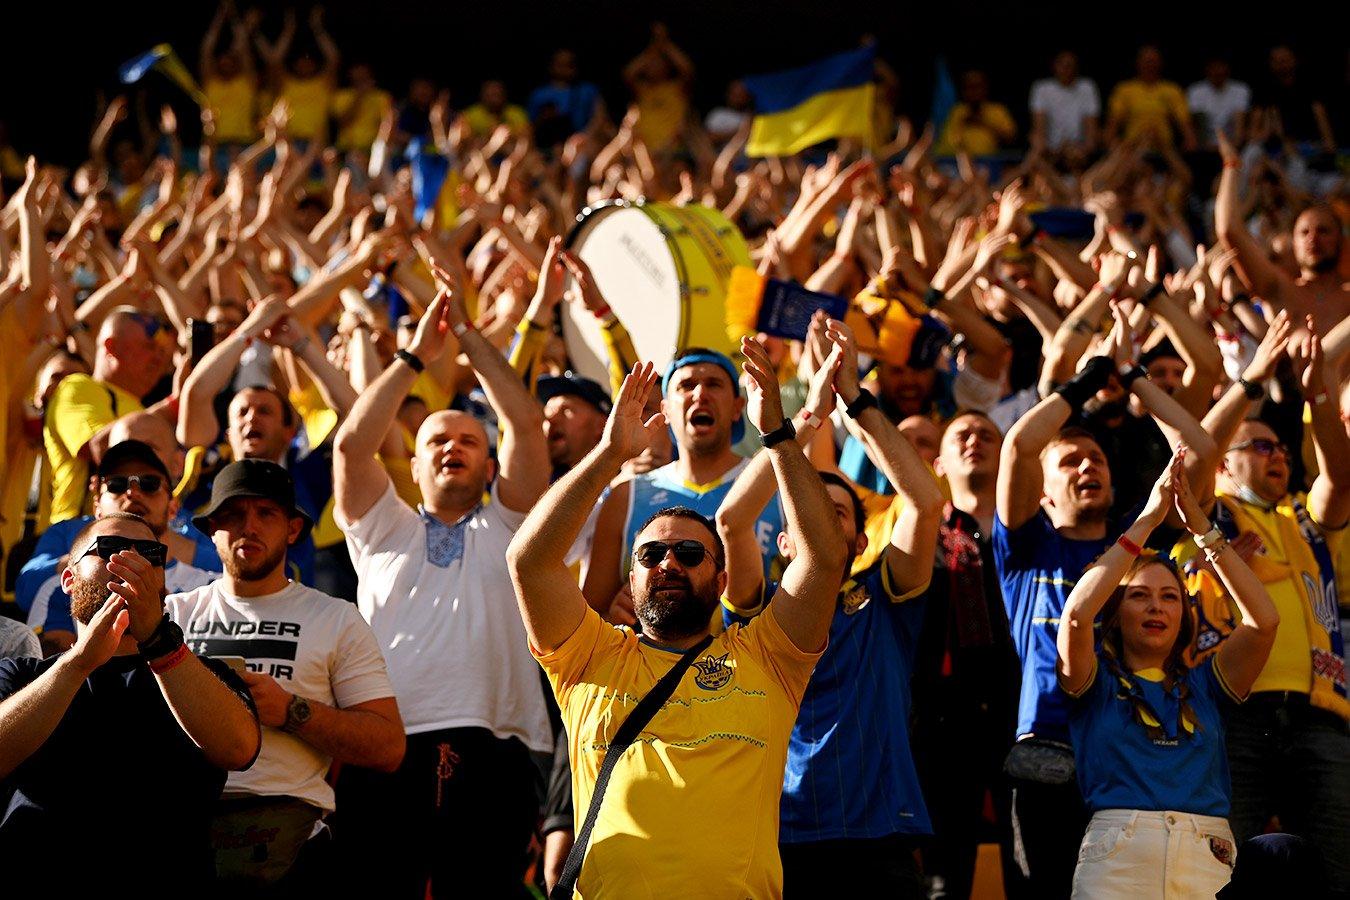 Крым перешёл от России к Украине на официальном сайте Олимпиады в Токио. Фото